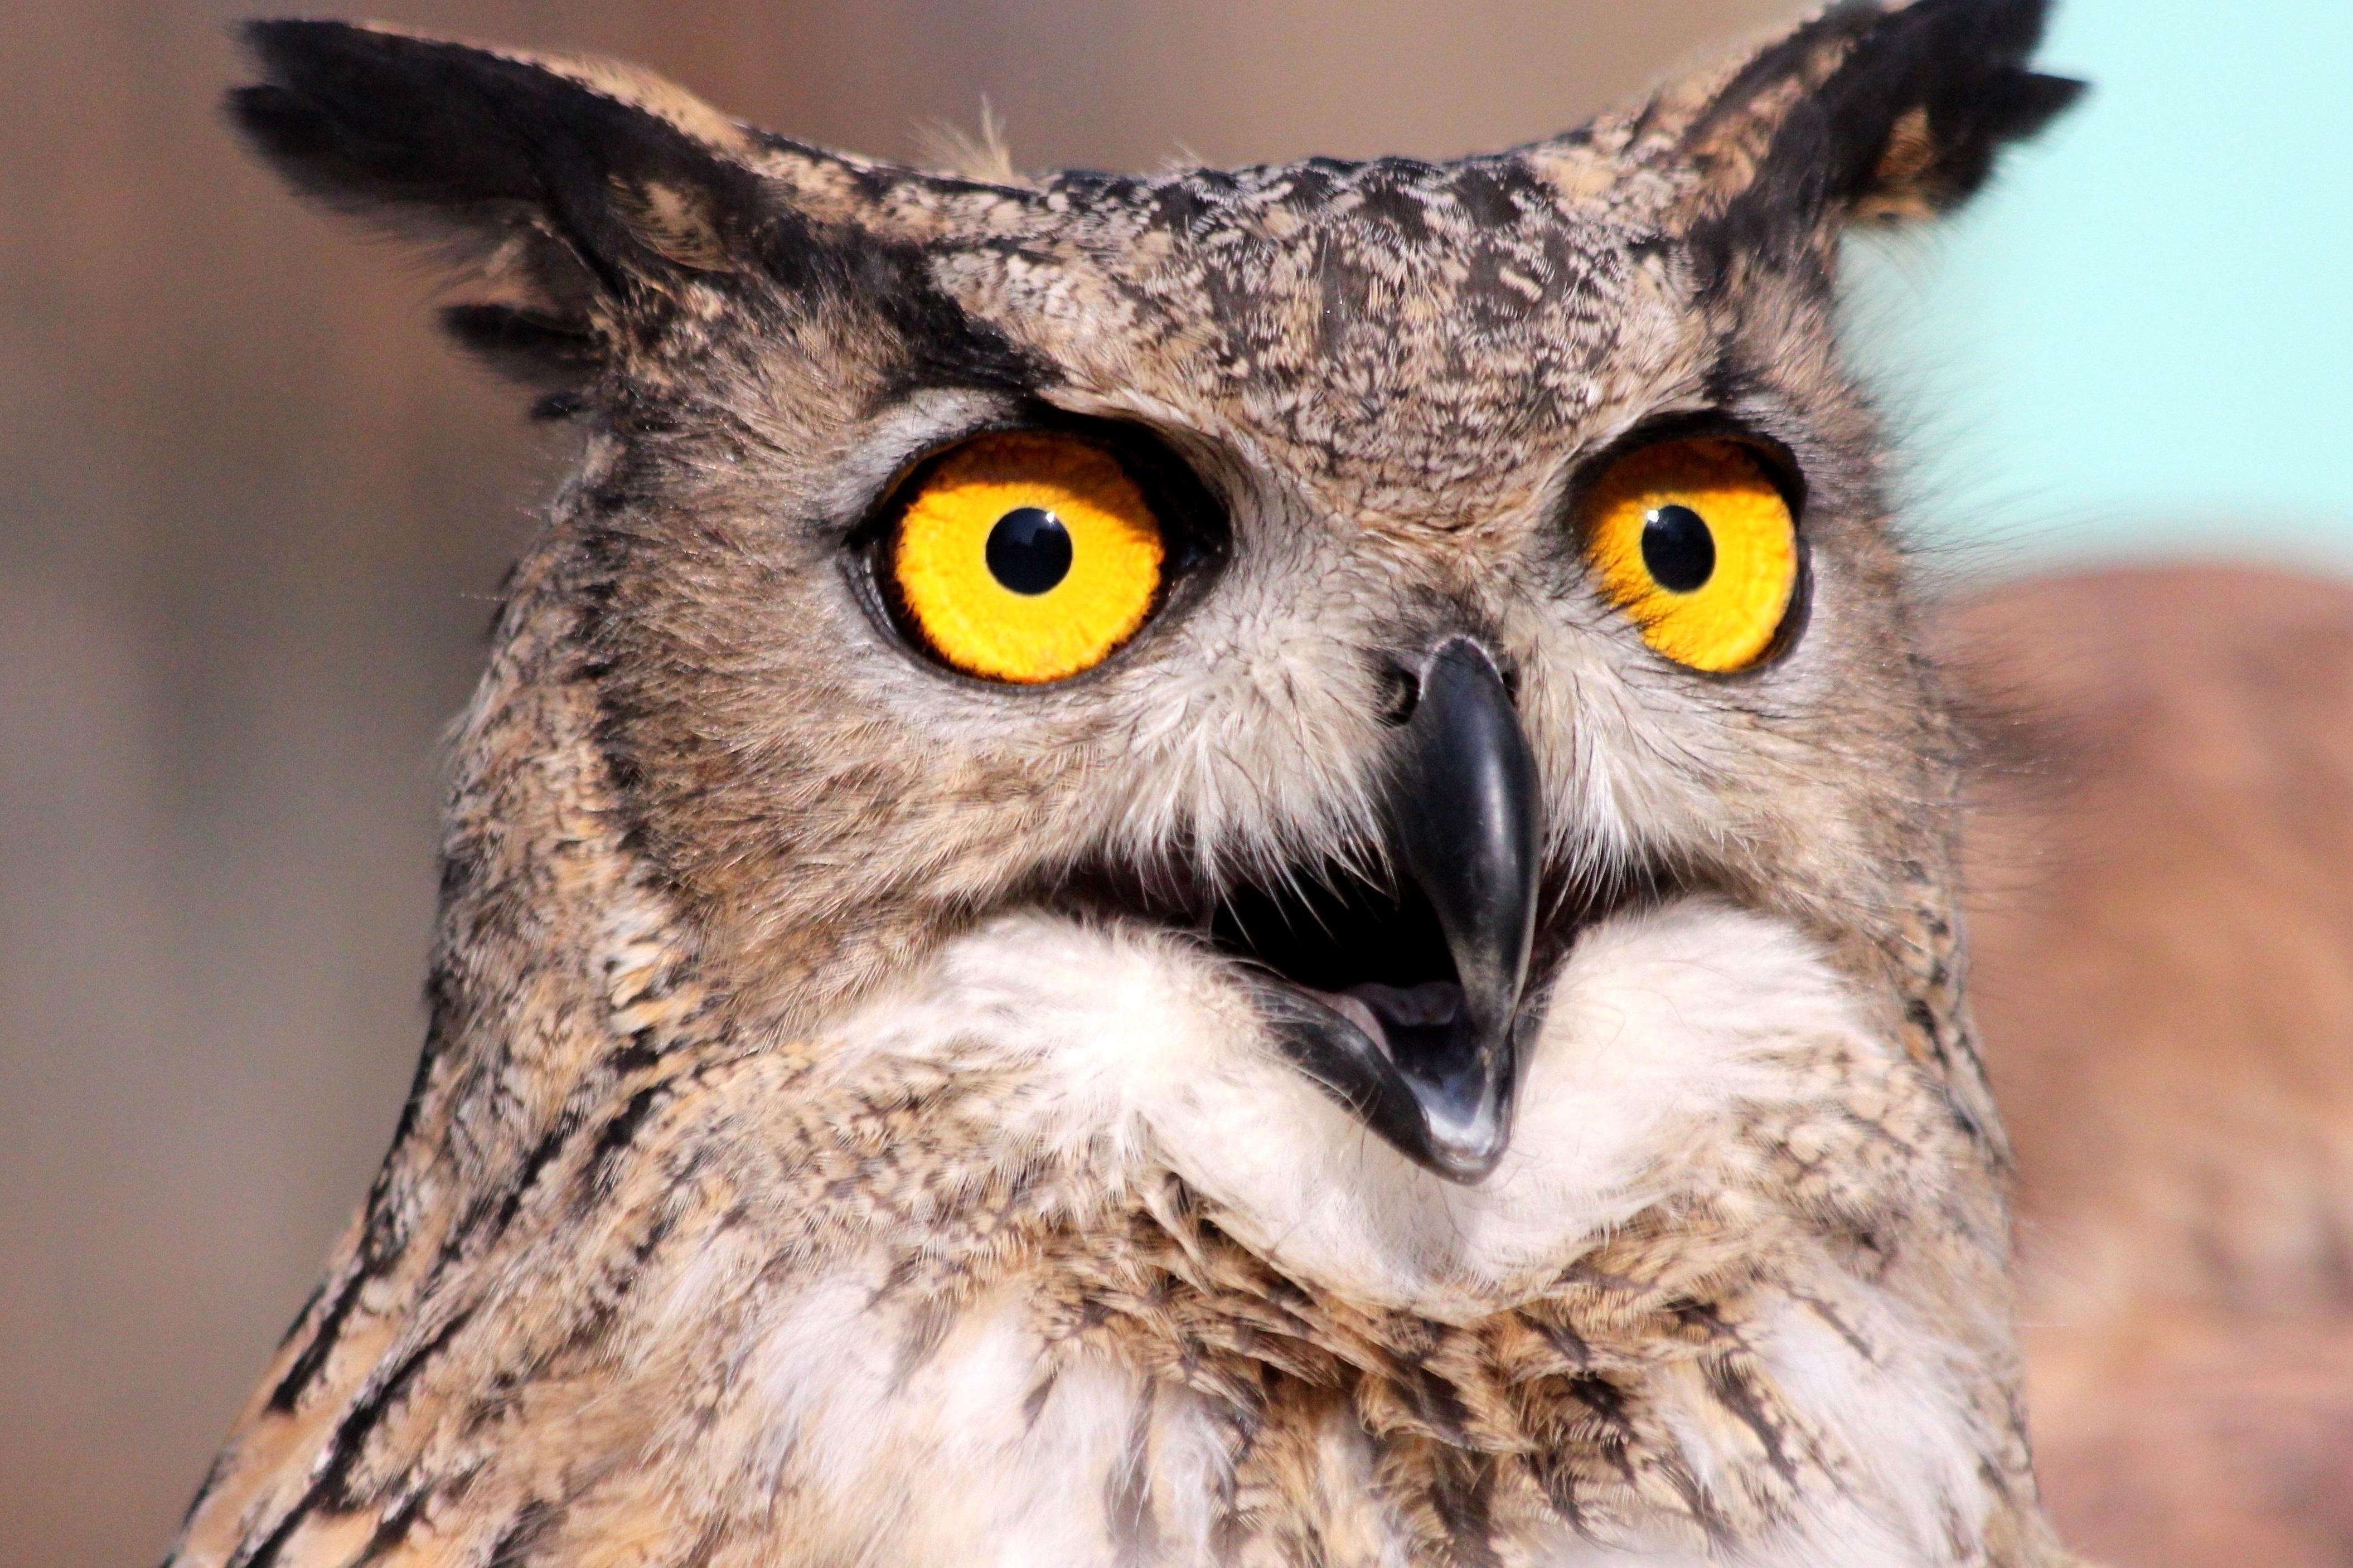 Foto gratis occhio gufo uccello - Image de chouette gratuite ...